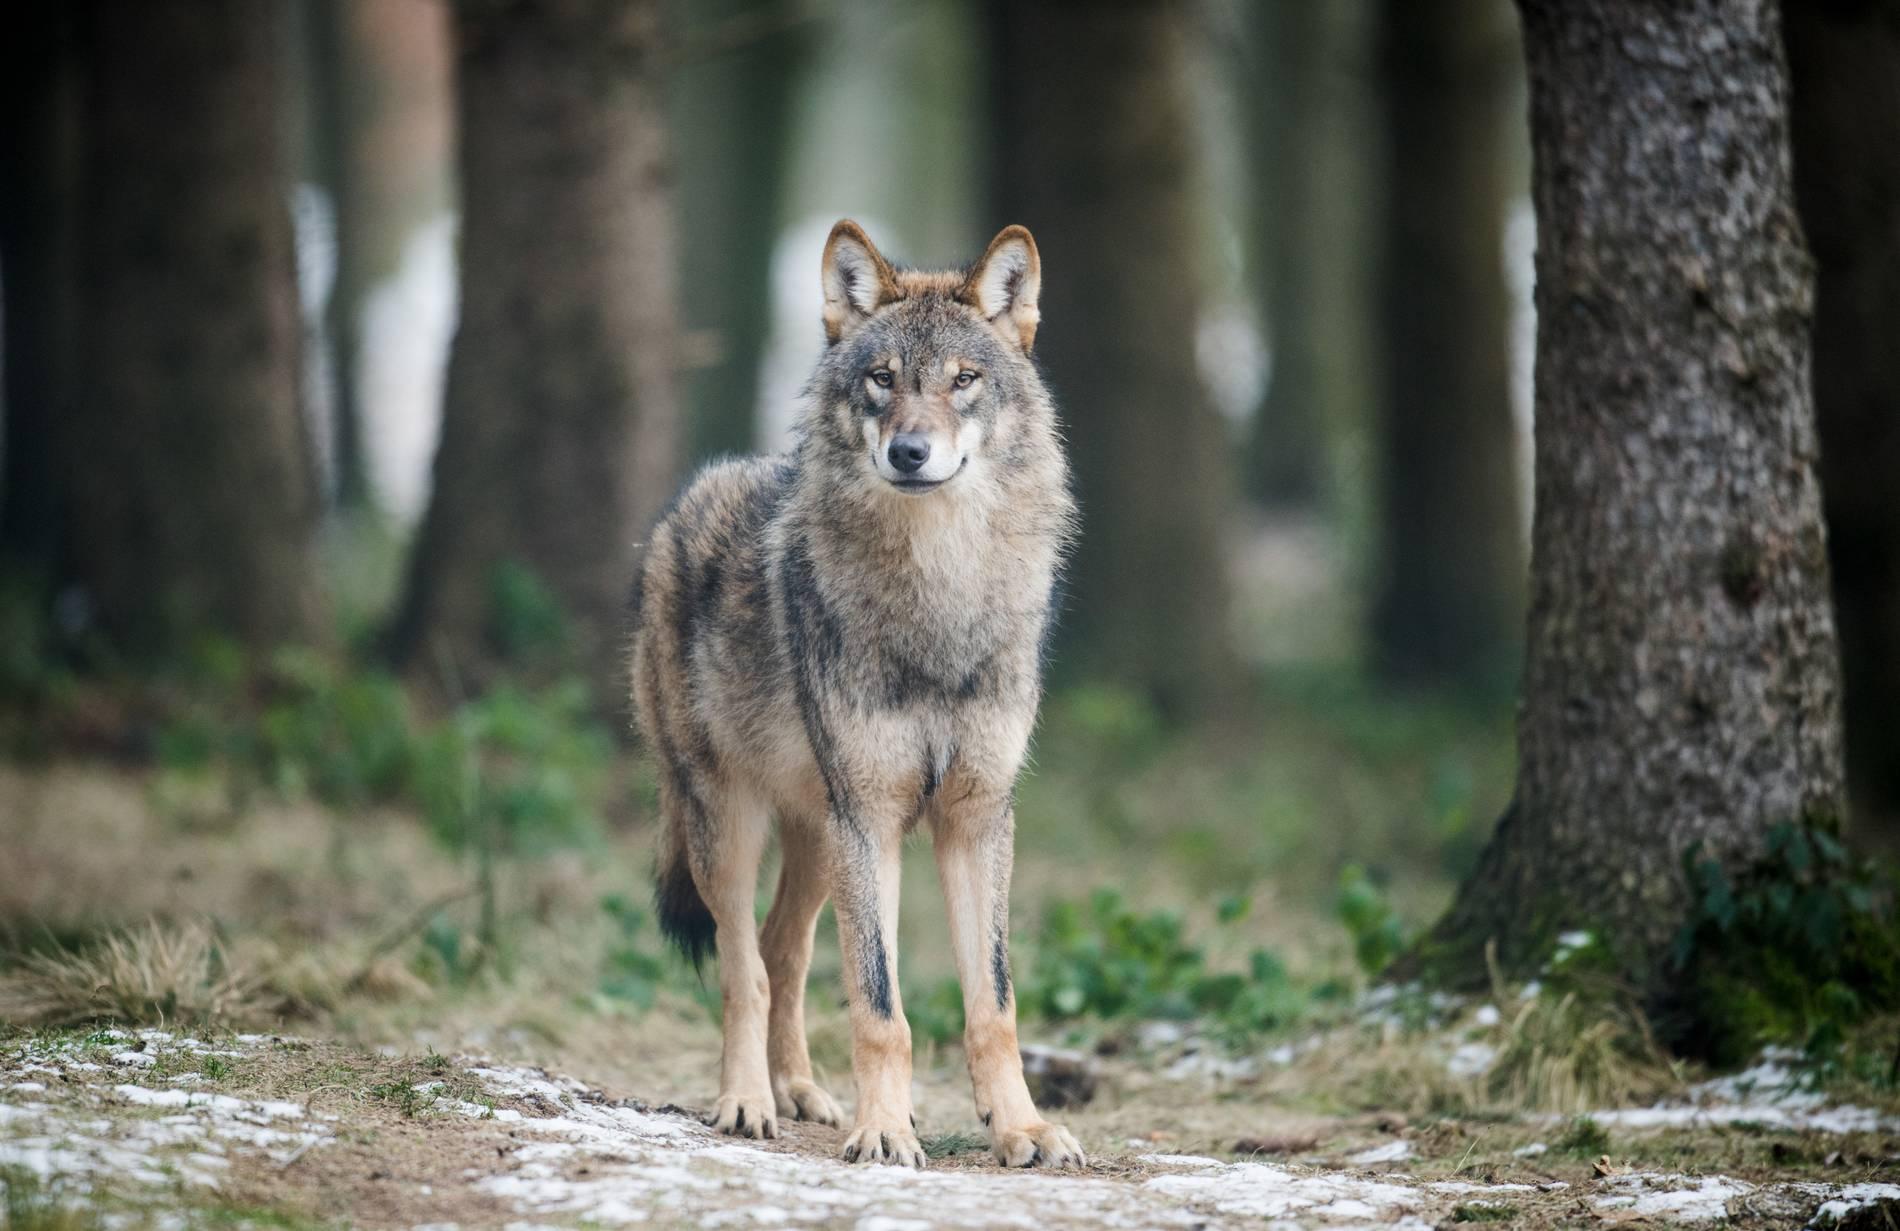 Niederrhein Wolf Gloria in NRW hat Nachwuchs   Behörden ...